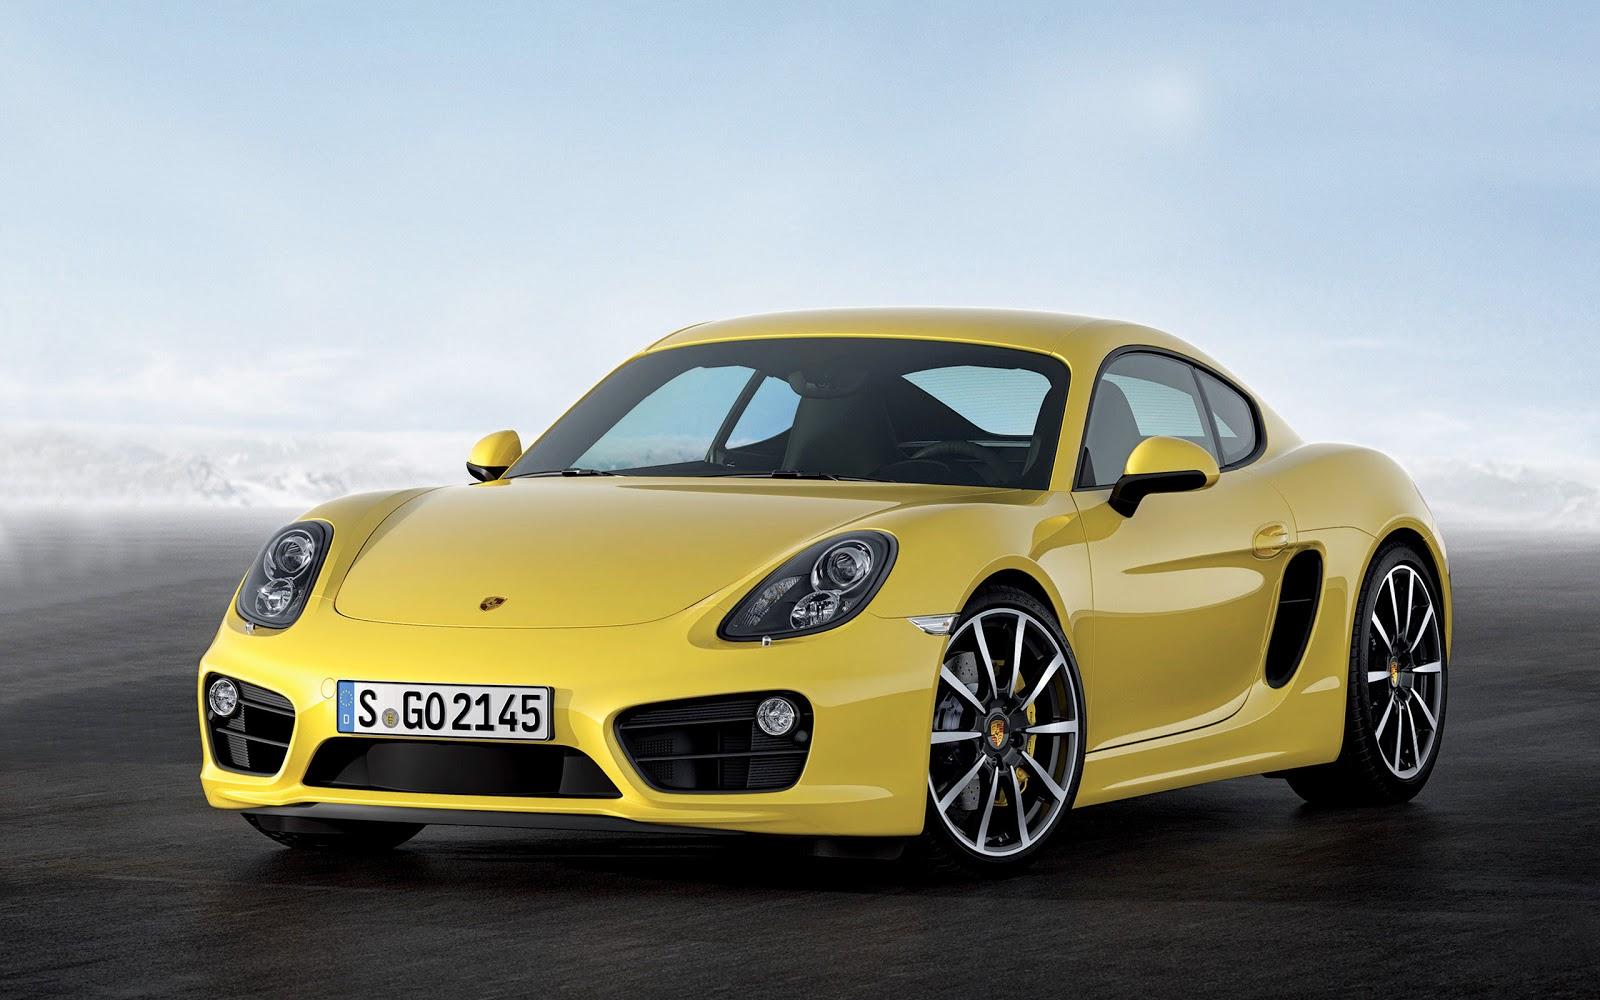 http://3.bp.blogspot.com/-XdGI2Hhj91s/UNnSa0jAmdI/AAAAAAAAARc/TosuKTnscdY/s1600/Porsche+Cayman+2013+HD+Wallpapers.jpg